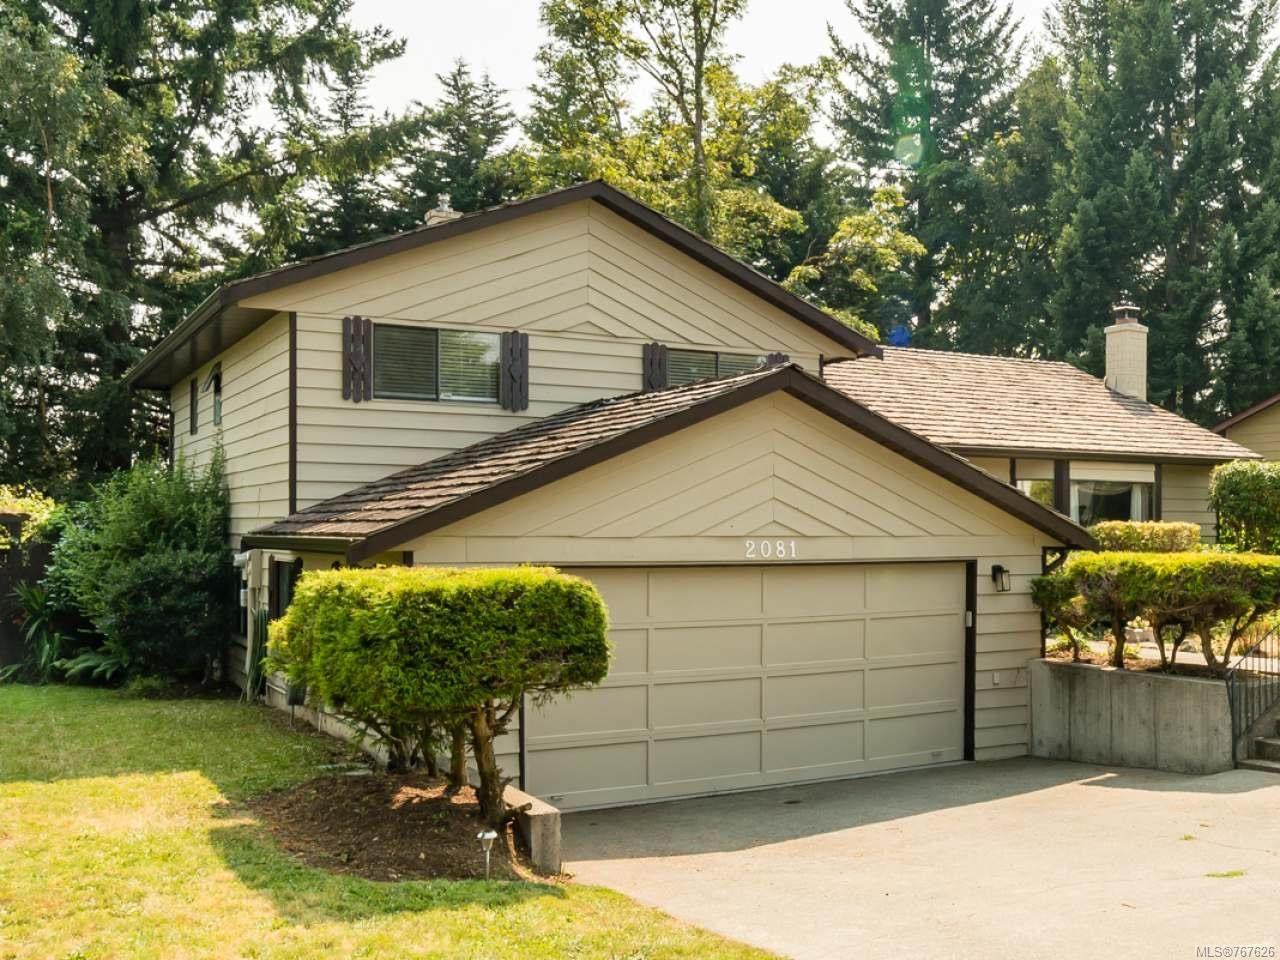 Main Photo: 2081 Noel Ave in COMOX: CV Comox (Town of) House for sale (Comox Valley)  : MLS®# 767626